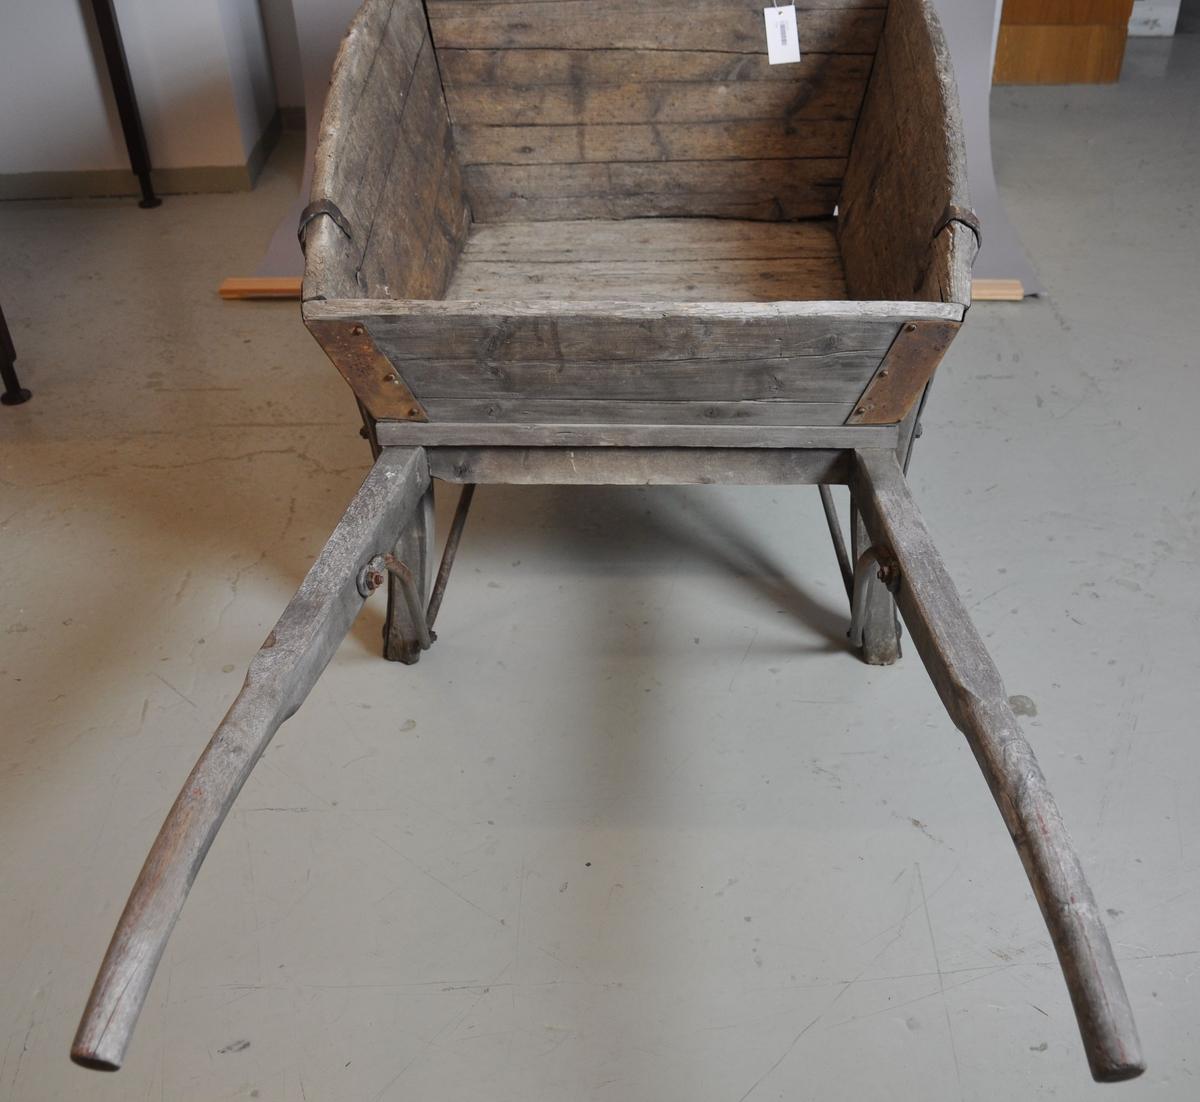 Trillebår av tre og jern. Trillebåren har en ett hjul med påfestet ring av jern, to håndtak og to støttebein. Kassen har utbøyde og avrundede sideplater. I hjørnene av kassen er det armeringer av jern.